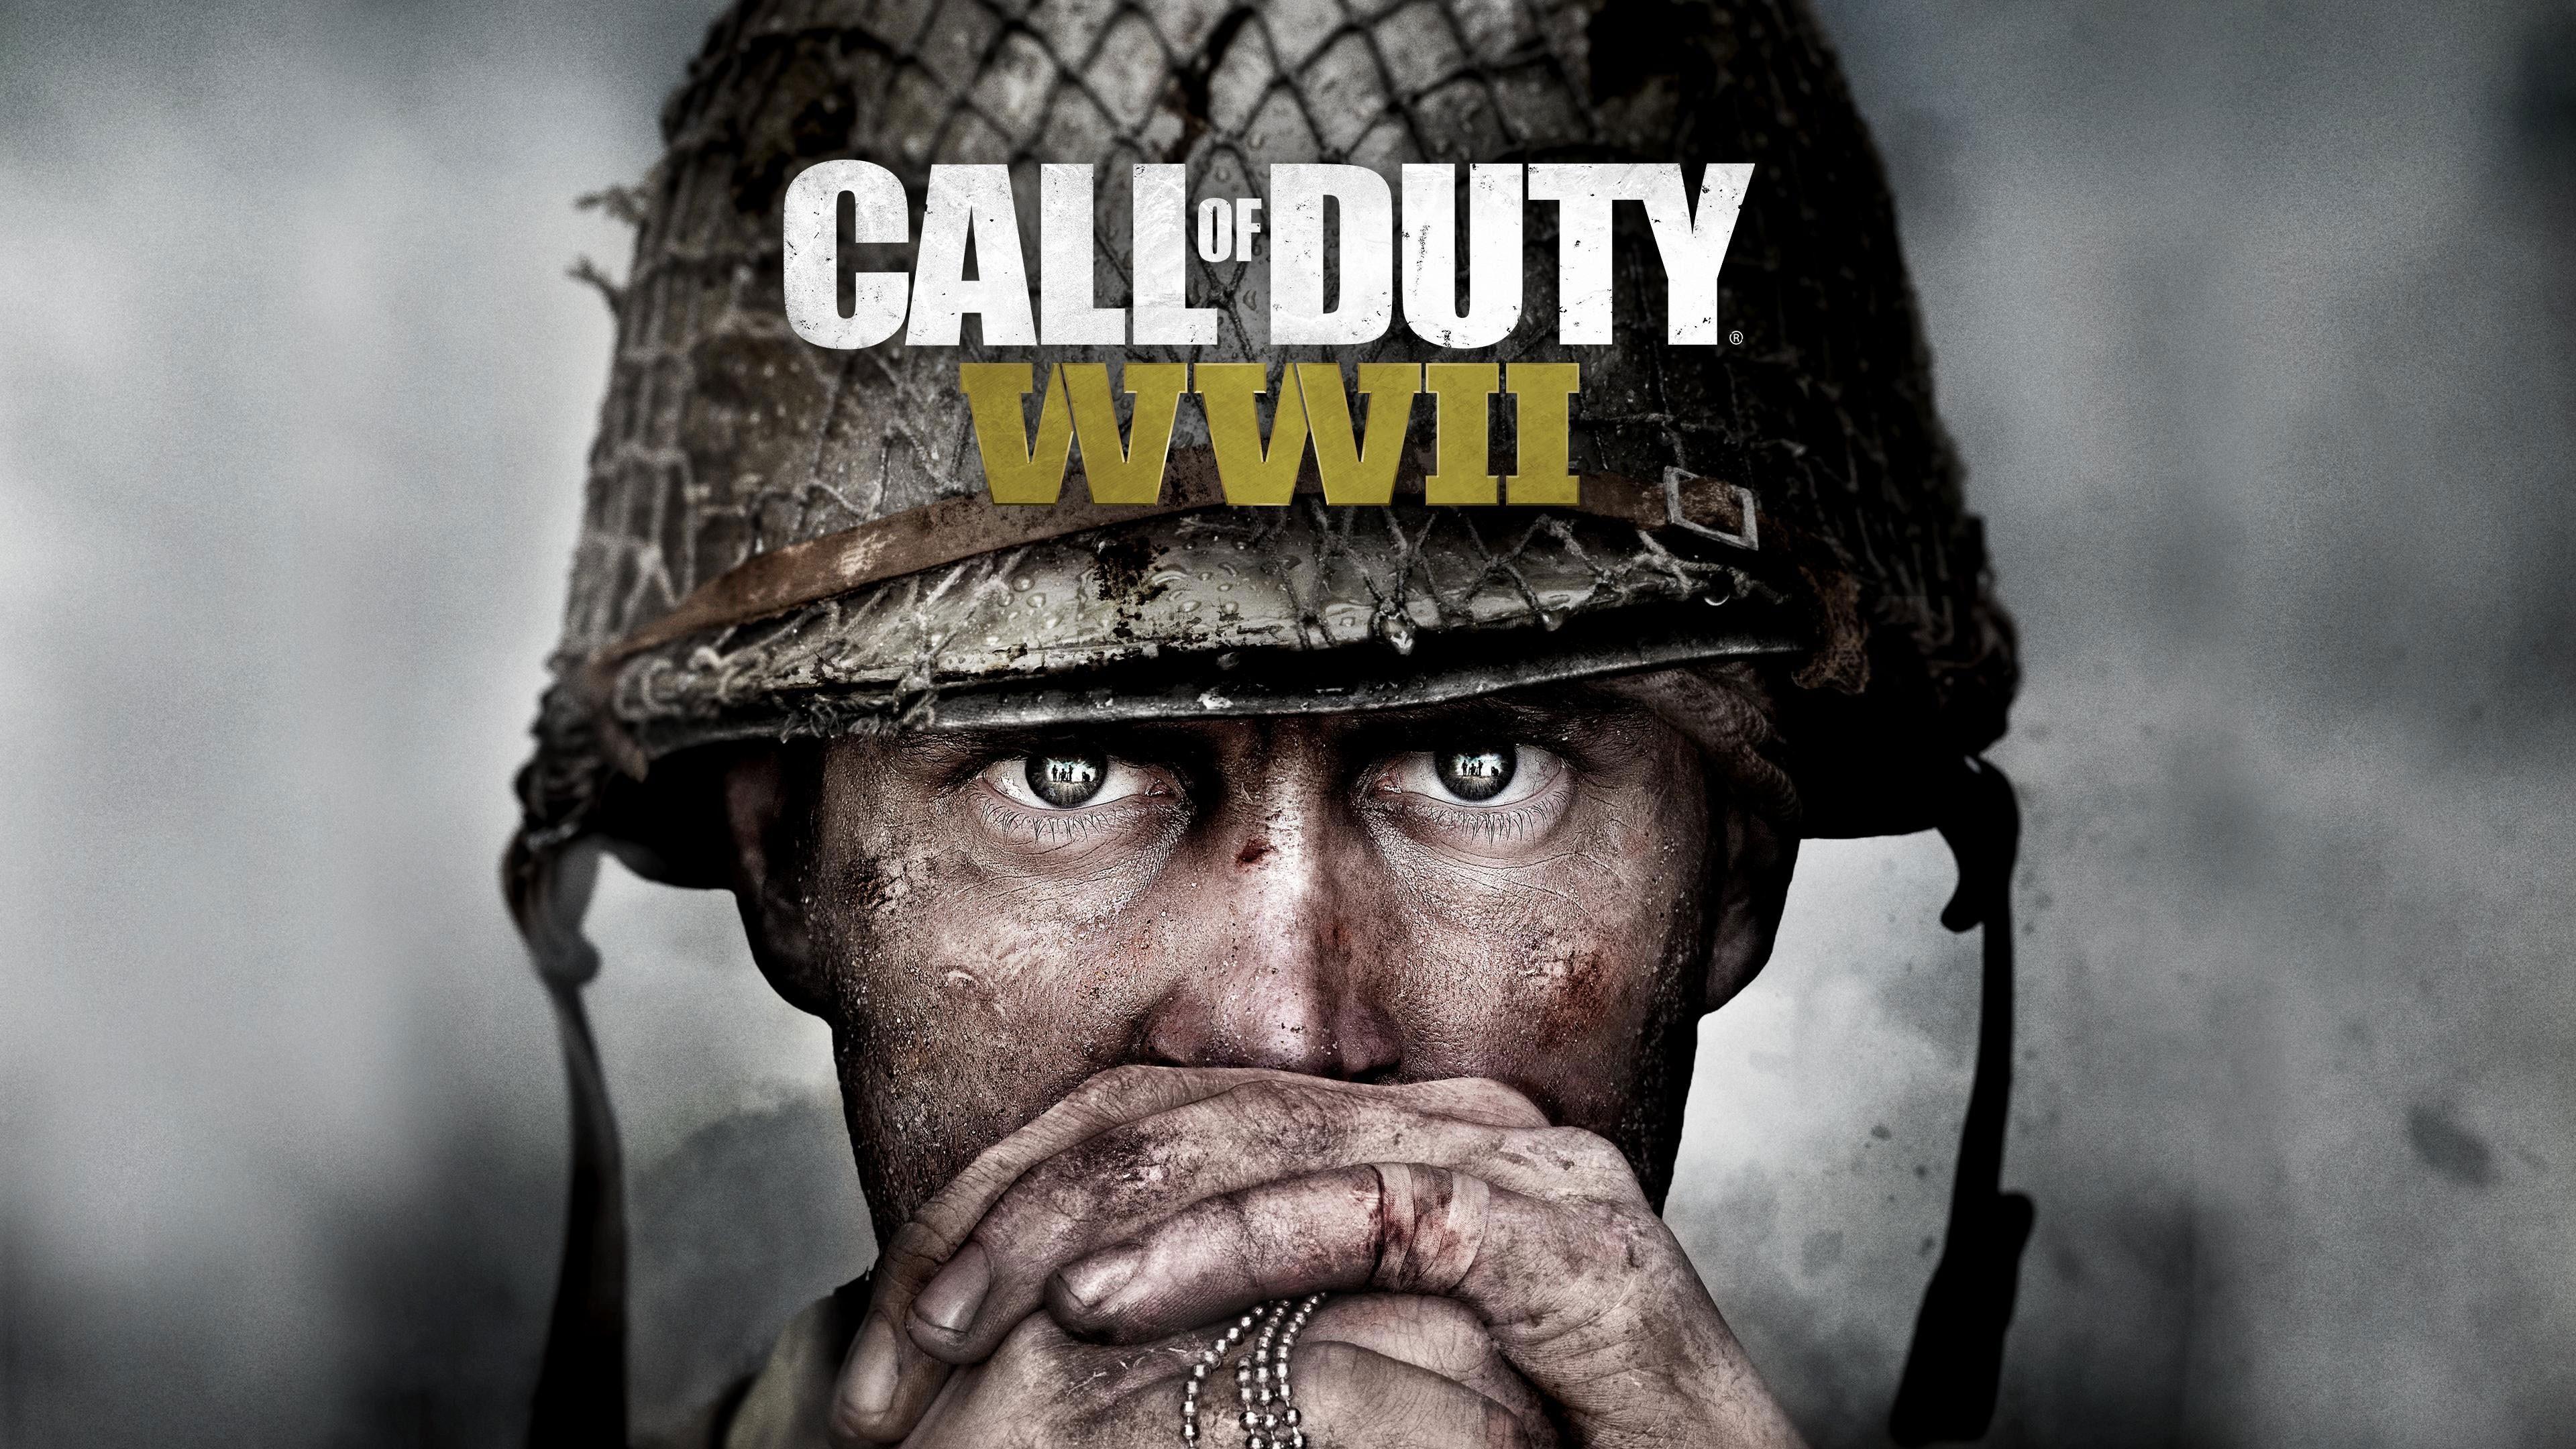 Call Of Duty Ww2 Wallpaper 4k